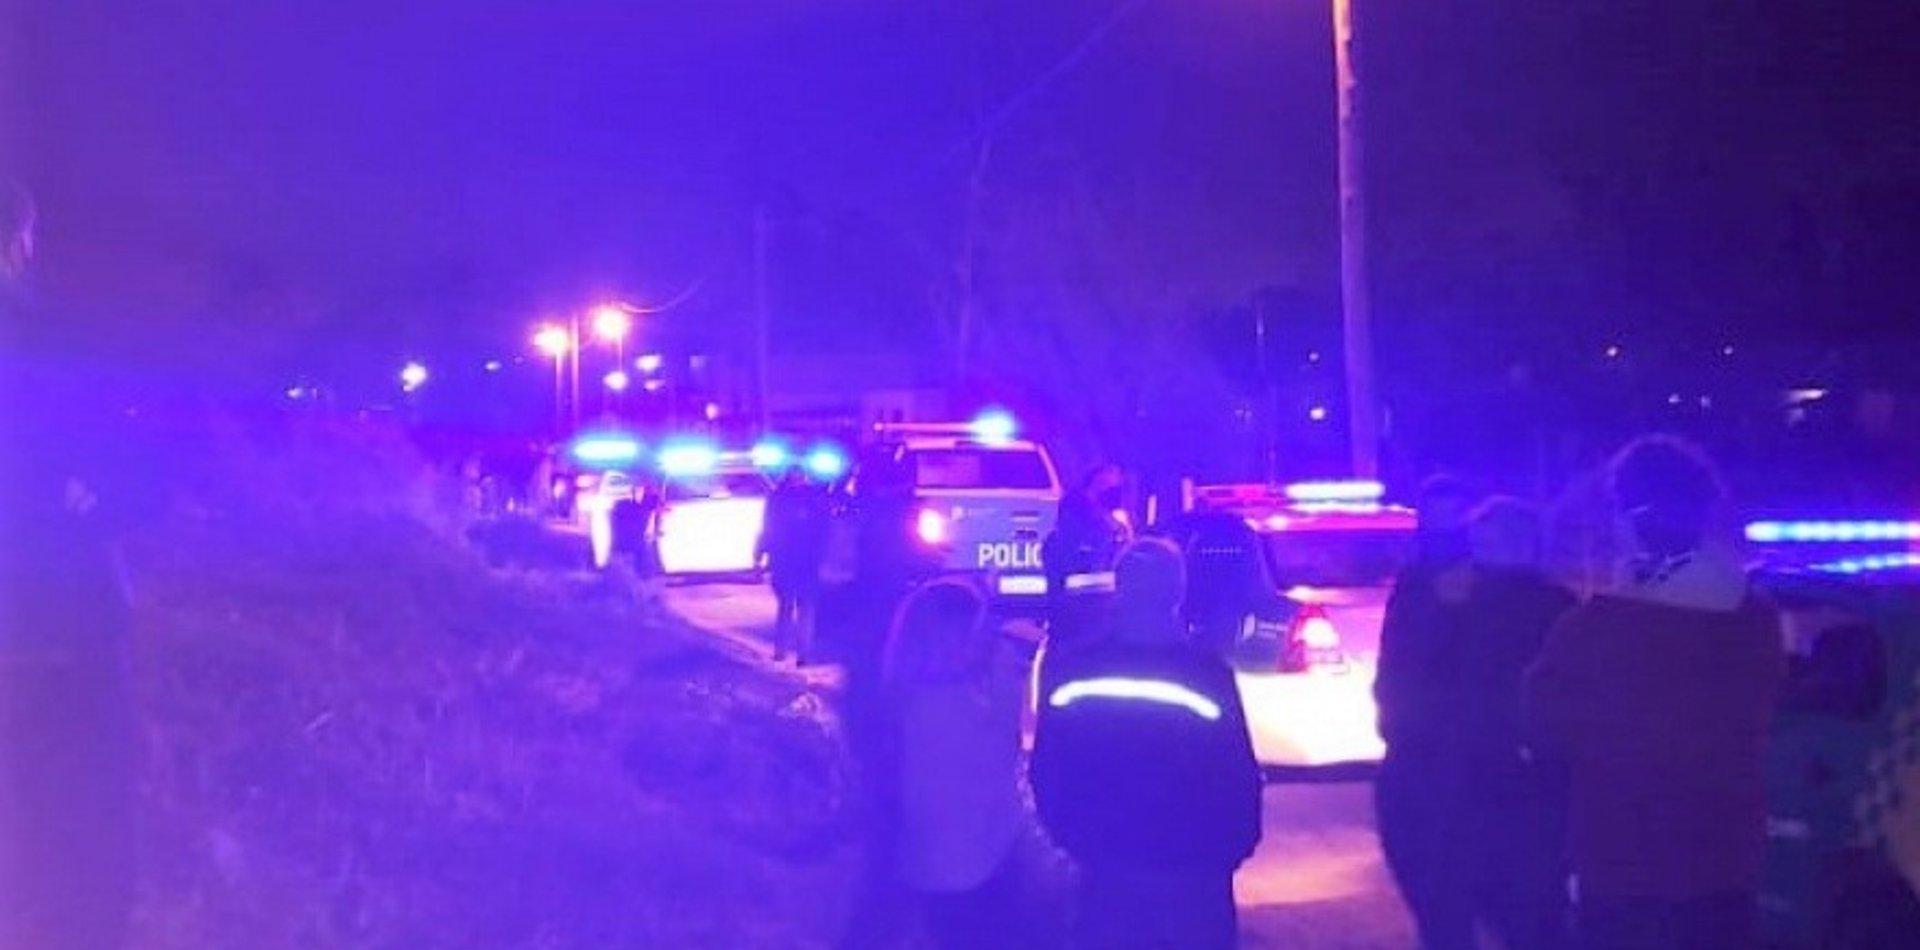 Detuvieron a un adolescente de 17 años por una violenta toma de terrenos en City Bell